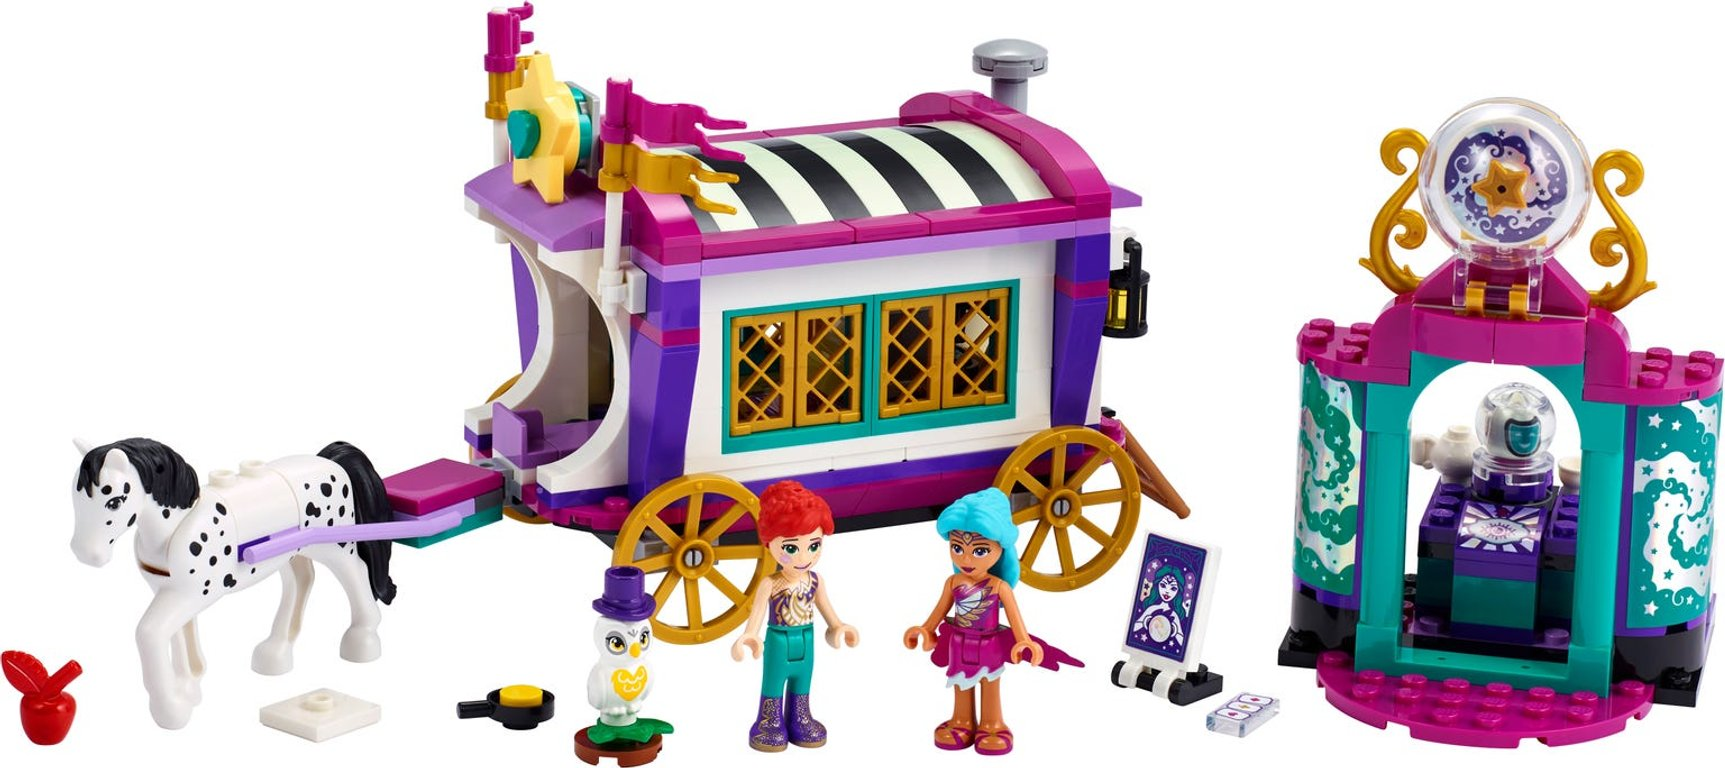 LEGO® Friends Magical Caravan components